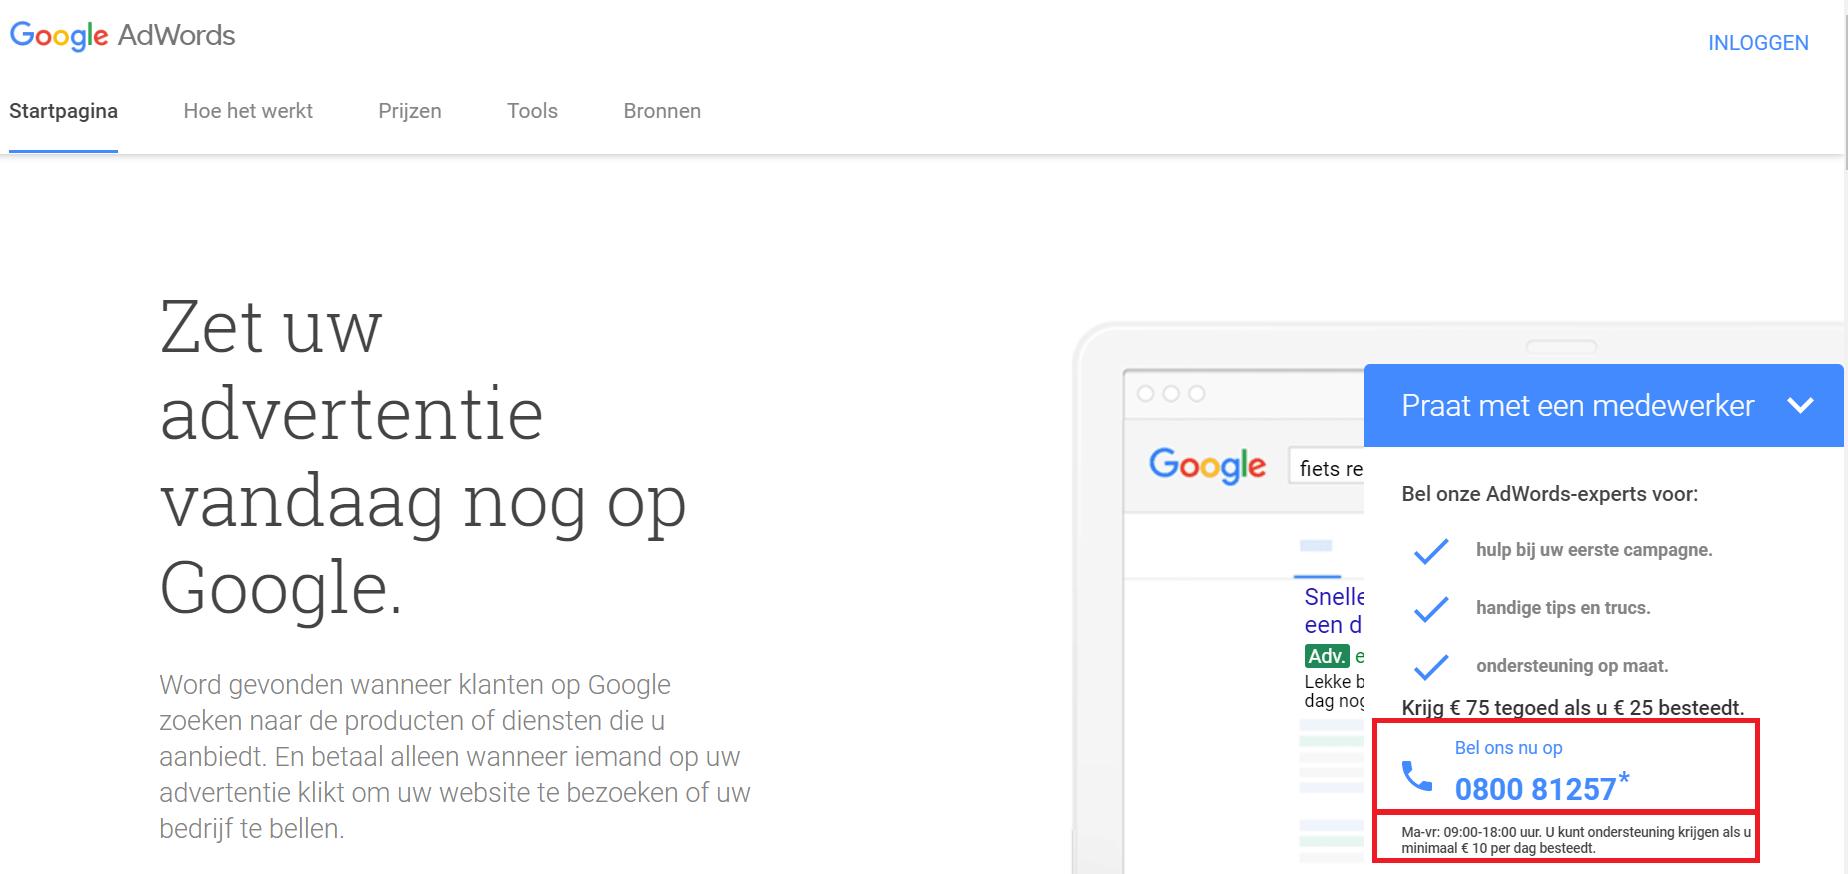 Google Adwords team contacteren